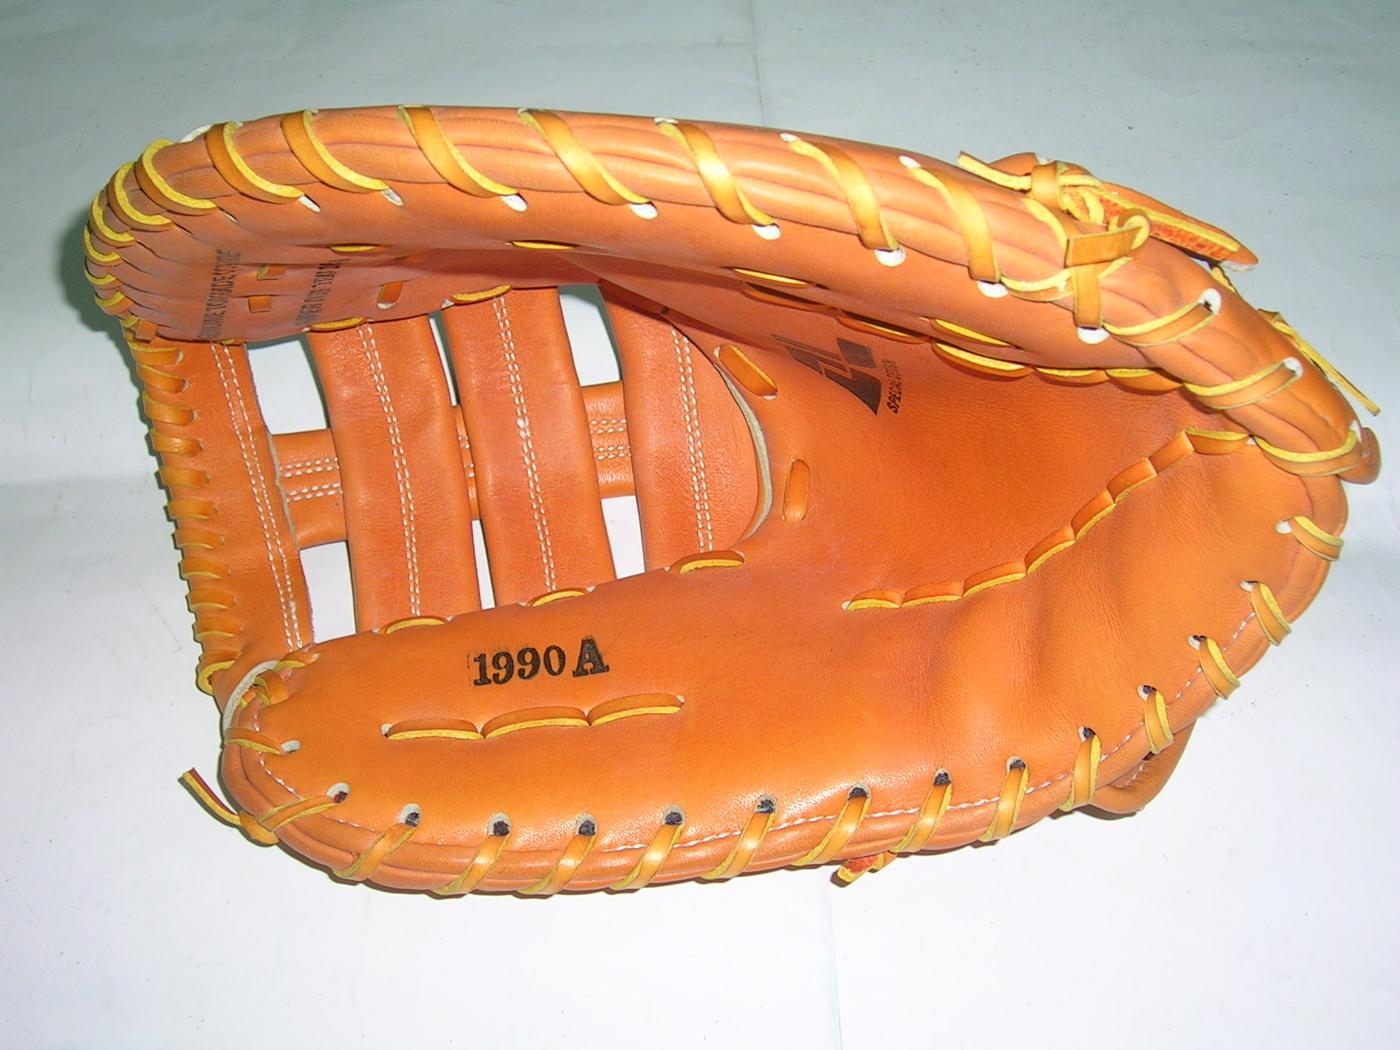 【線上體育】DL手套 A #1990 一壘手套